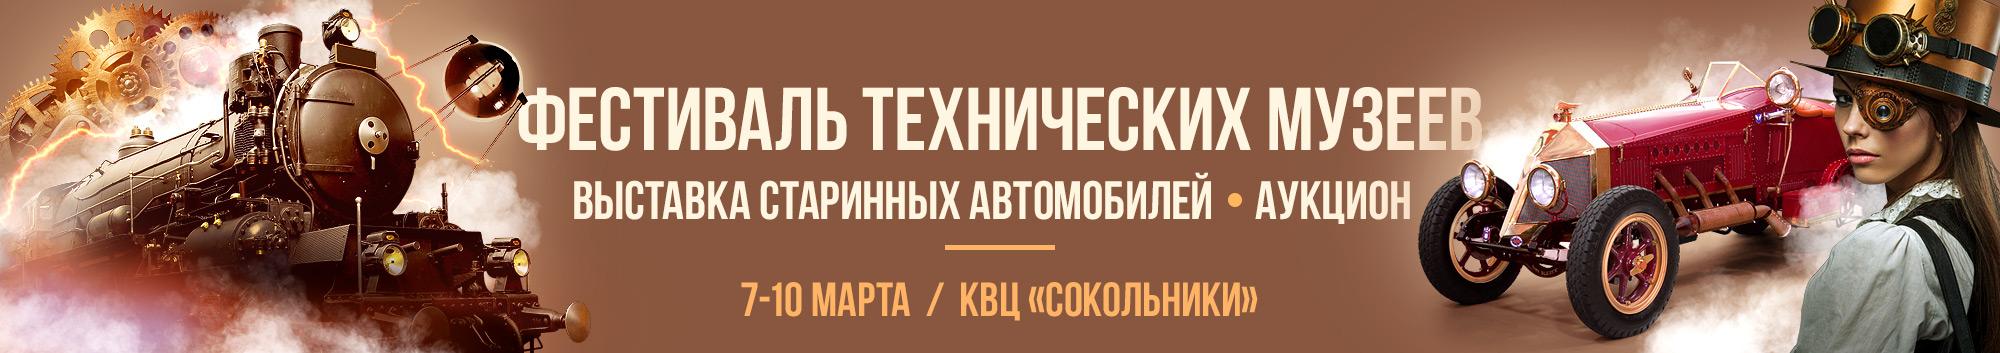 Олдтаймер галерея Ильи Сорокина 2019 5.2.55.13